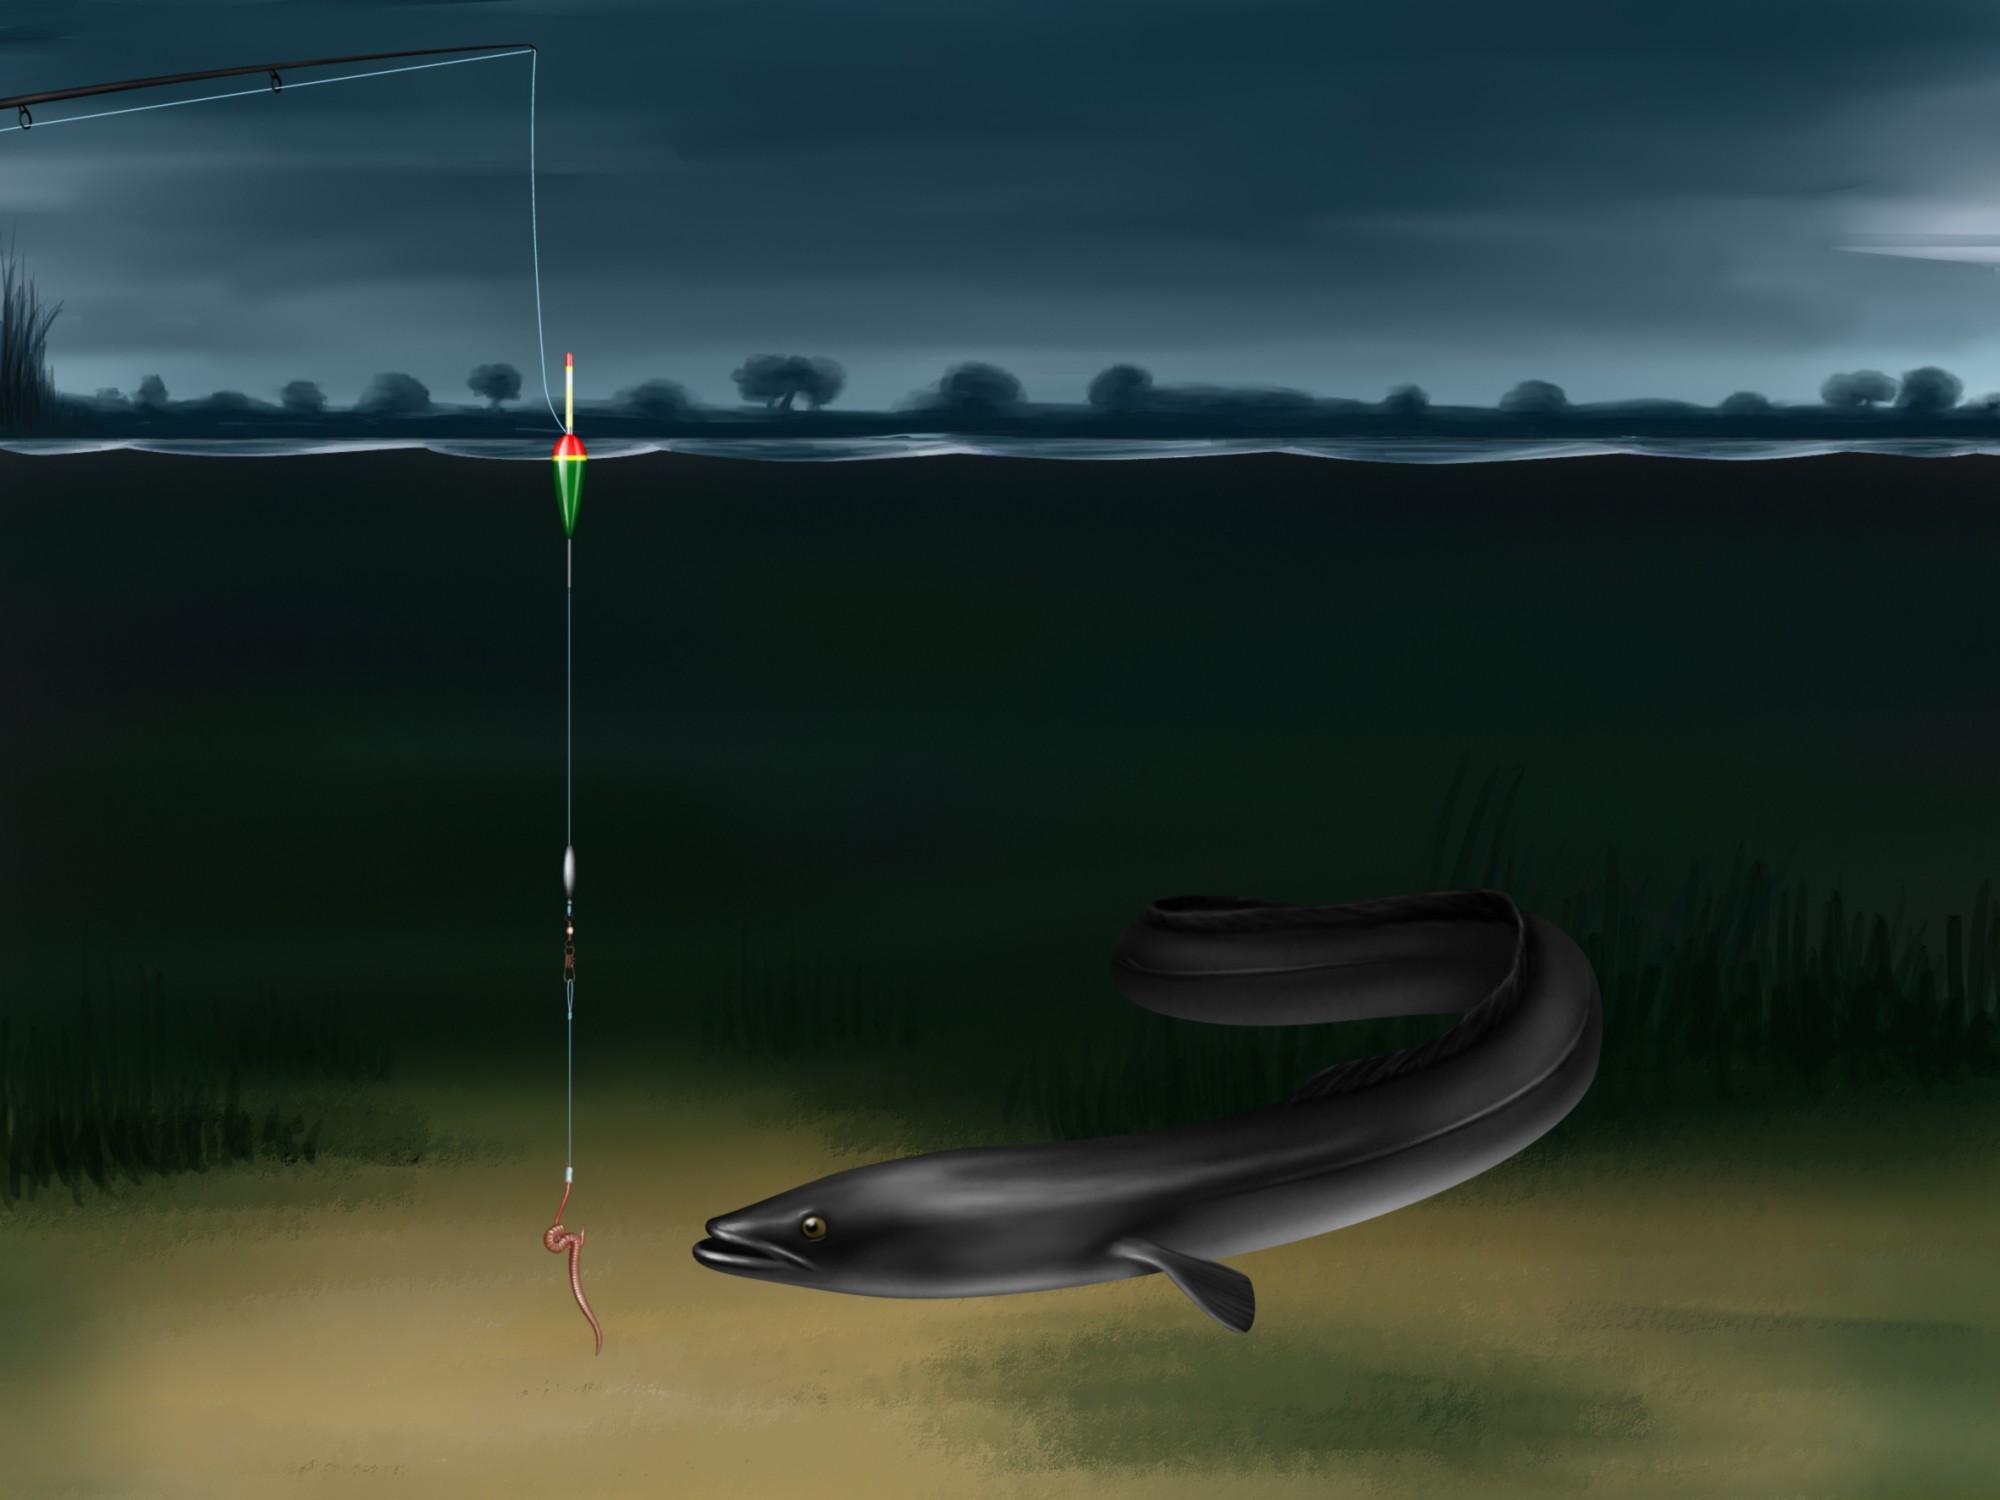 Beim Aalangeln mit der Pose kann der Köder etwas über oder direkt auf dem Grund abgelegt werden. Grafik: JTSV